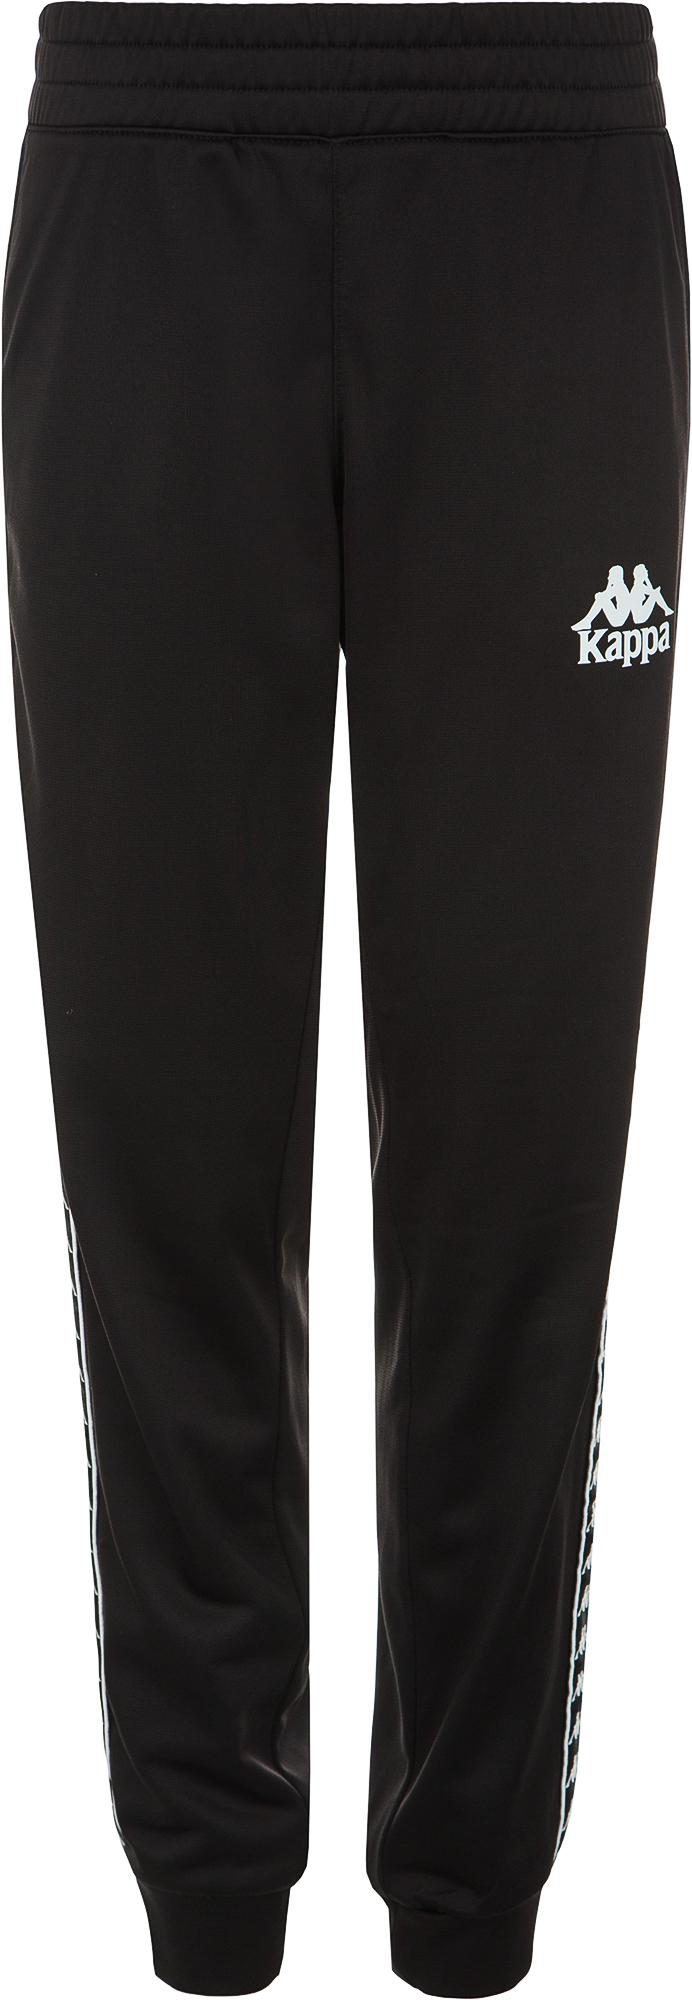 Kappa Брюки для мальчиков Kappa, размер 152 kappa брюки для девочек kappa размер 134